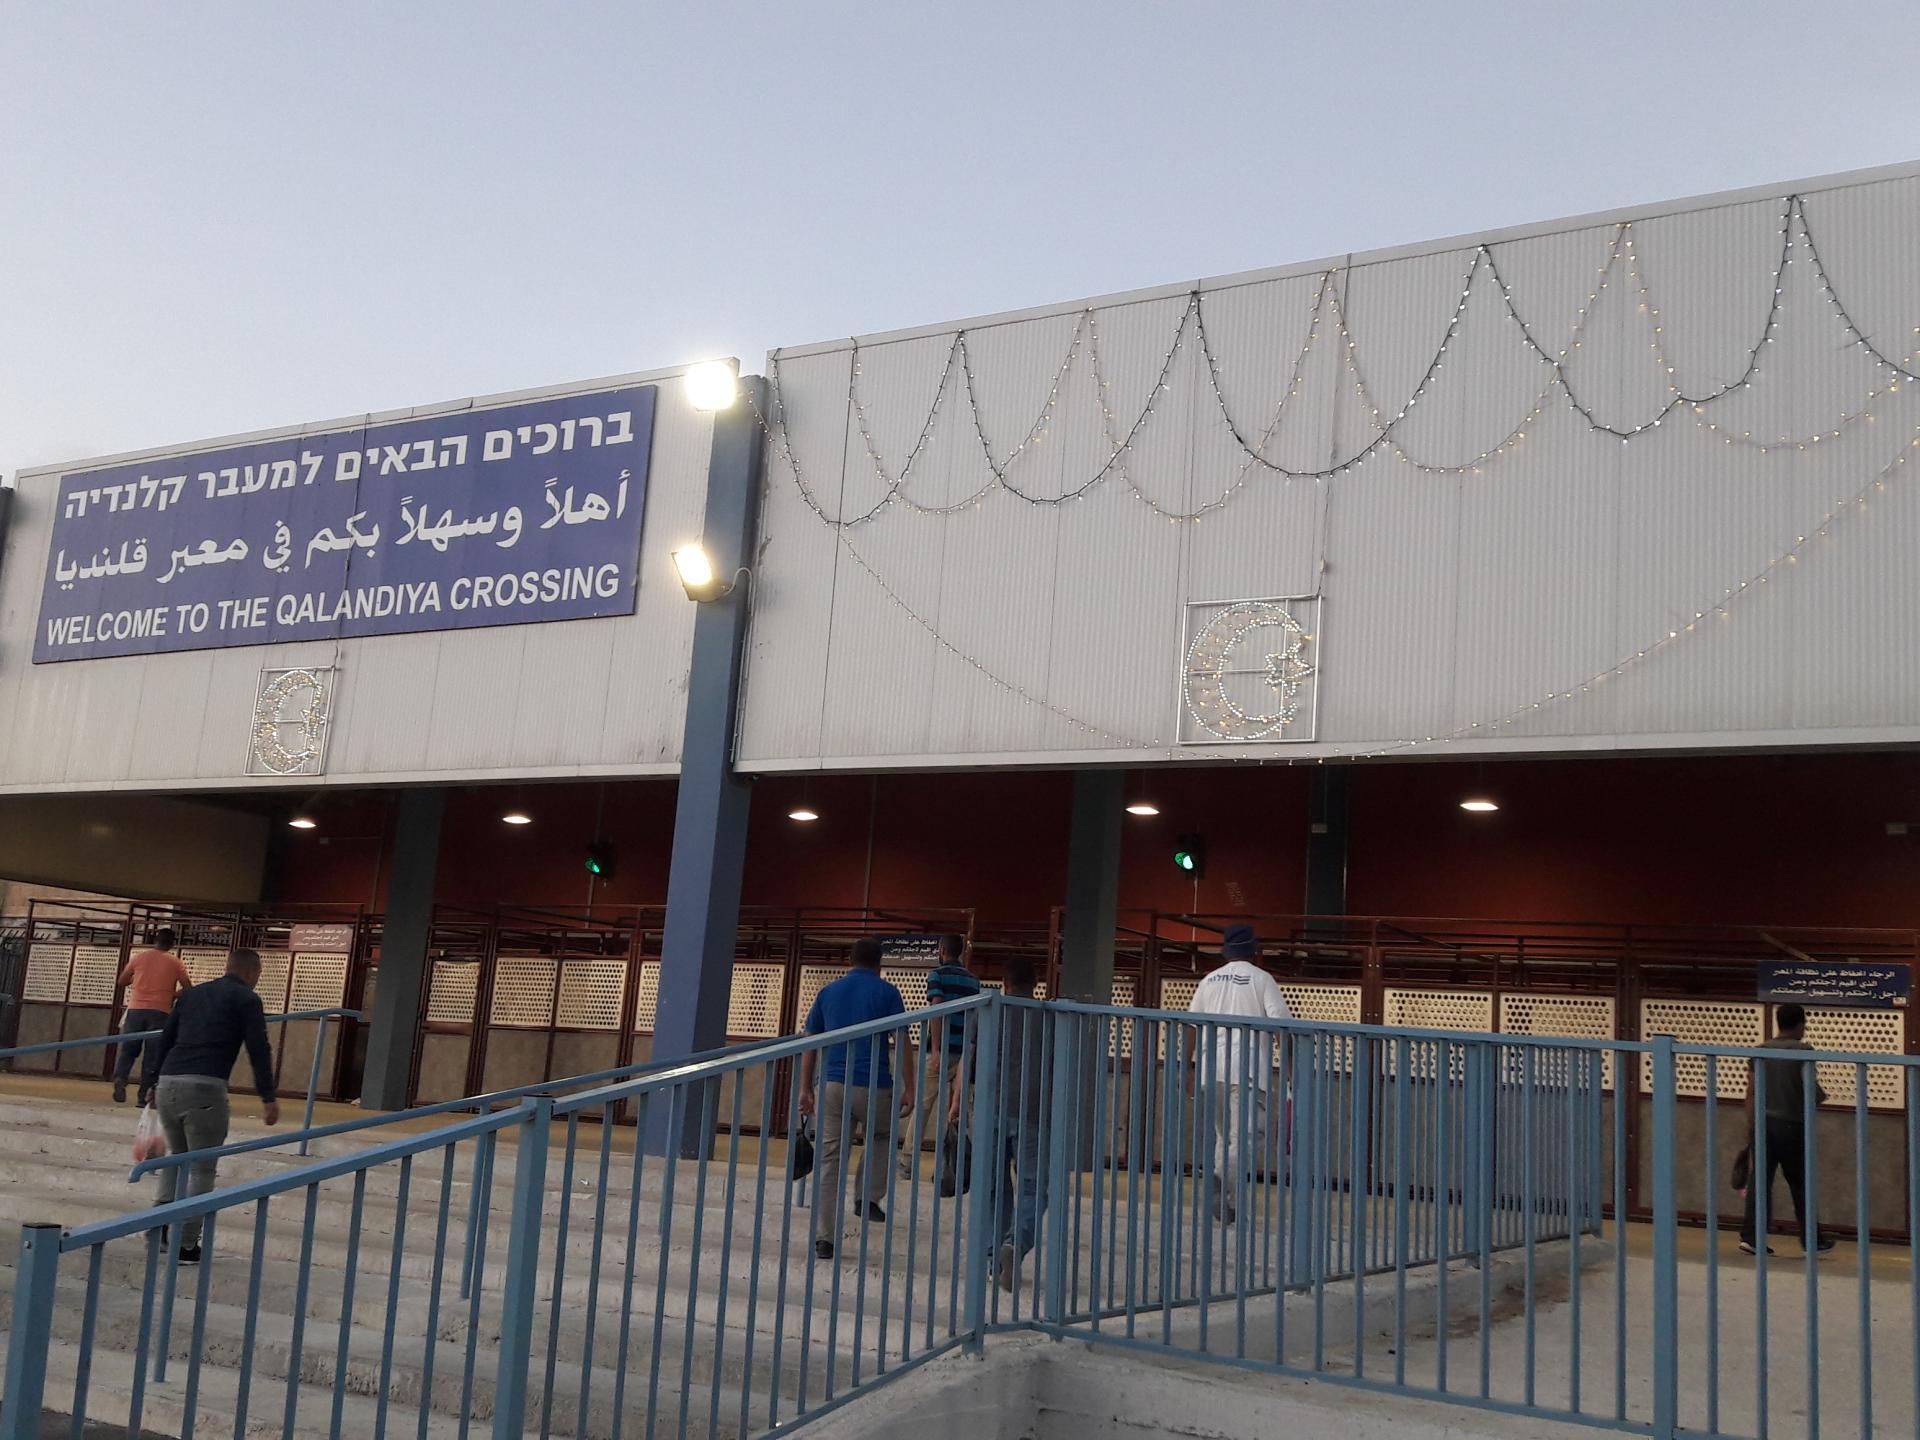 תאורה לכבוד עיד אלאדחא על הכניסה למחסום, השחר שהאיר מקשה להבחין בה